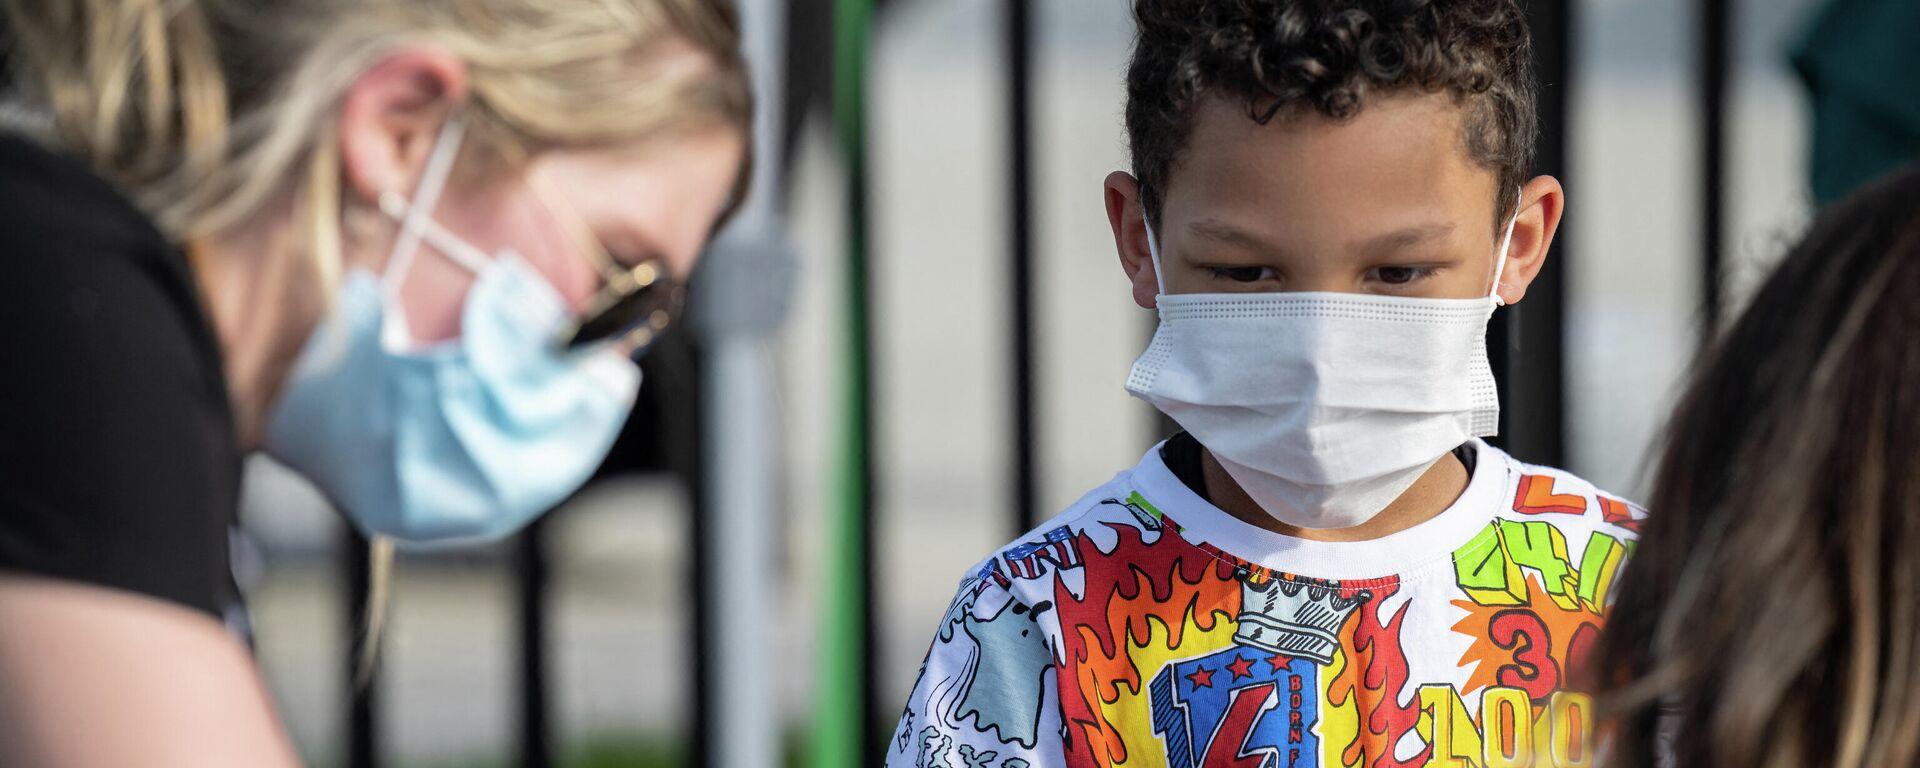 Ein Kind beobachtet, wie eine Krankenschwester ein Mädchen mit einem COVID-19-Impfstoffs impft, den 26. April 2021 in Louisville, Kentucky. In den USA ist der Biontech/Pfizer-Impfstoff bereits für die älteren Kinder zugelassen. - SNA, 1920, 27.05.2021